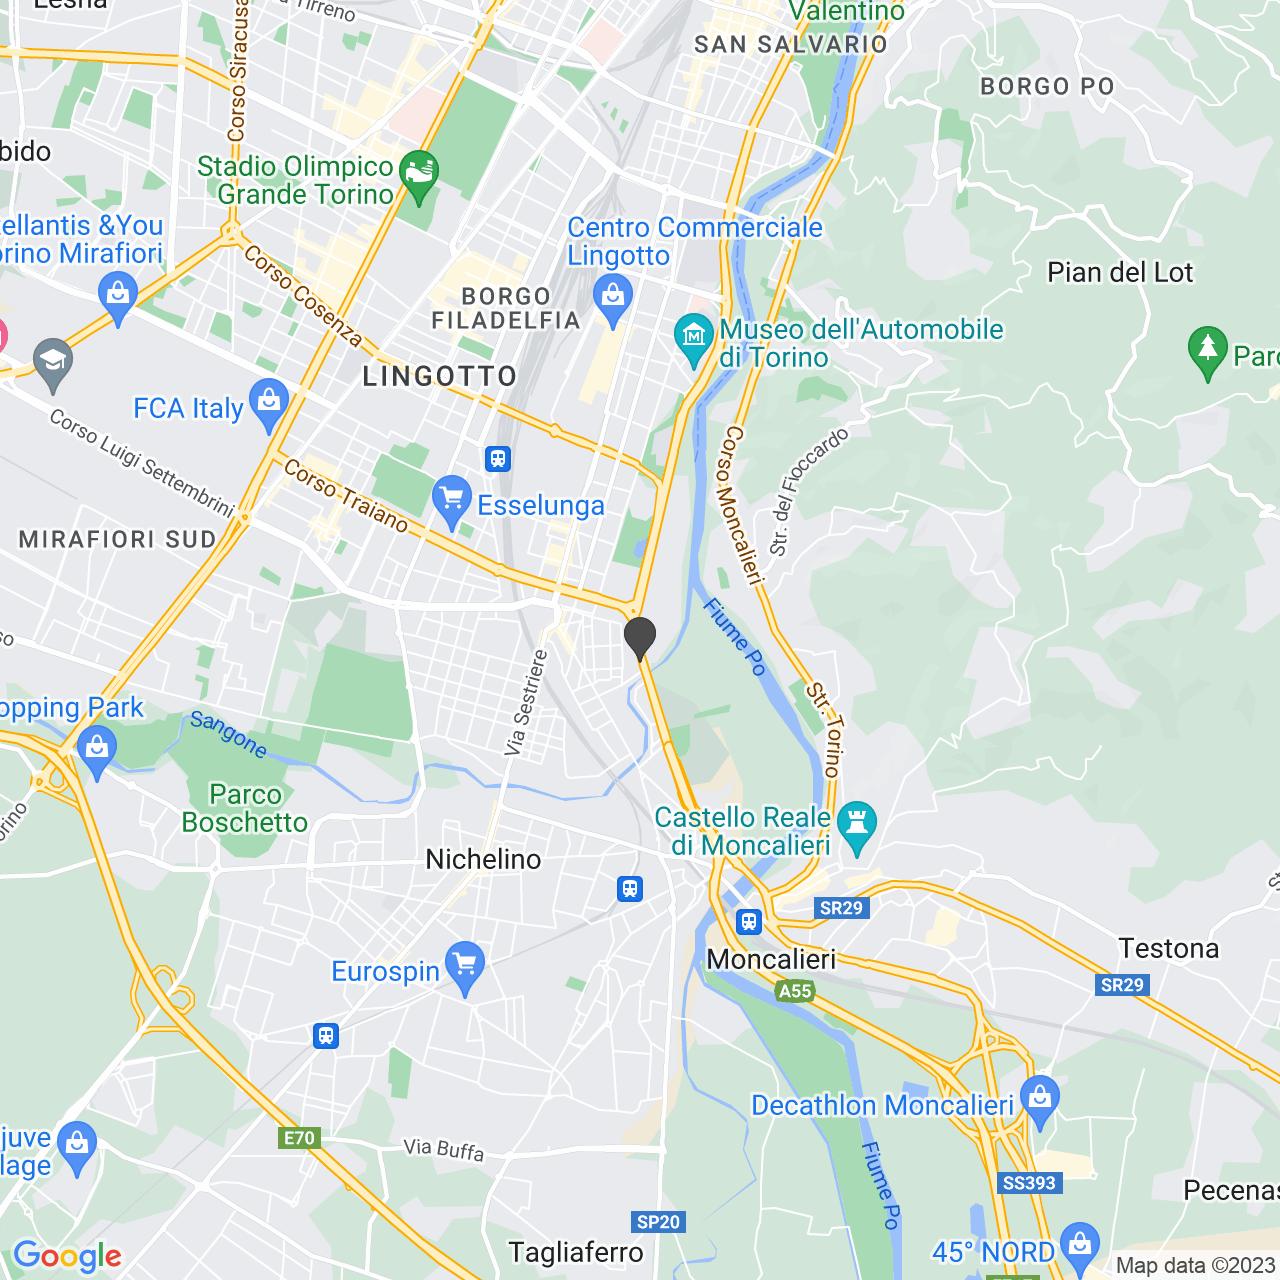 CROCE ROSSA ITALIANA - COMITATO DI MONCALIERI - ORGANIZZAZIONE DI VOLONTARIATO